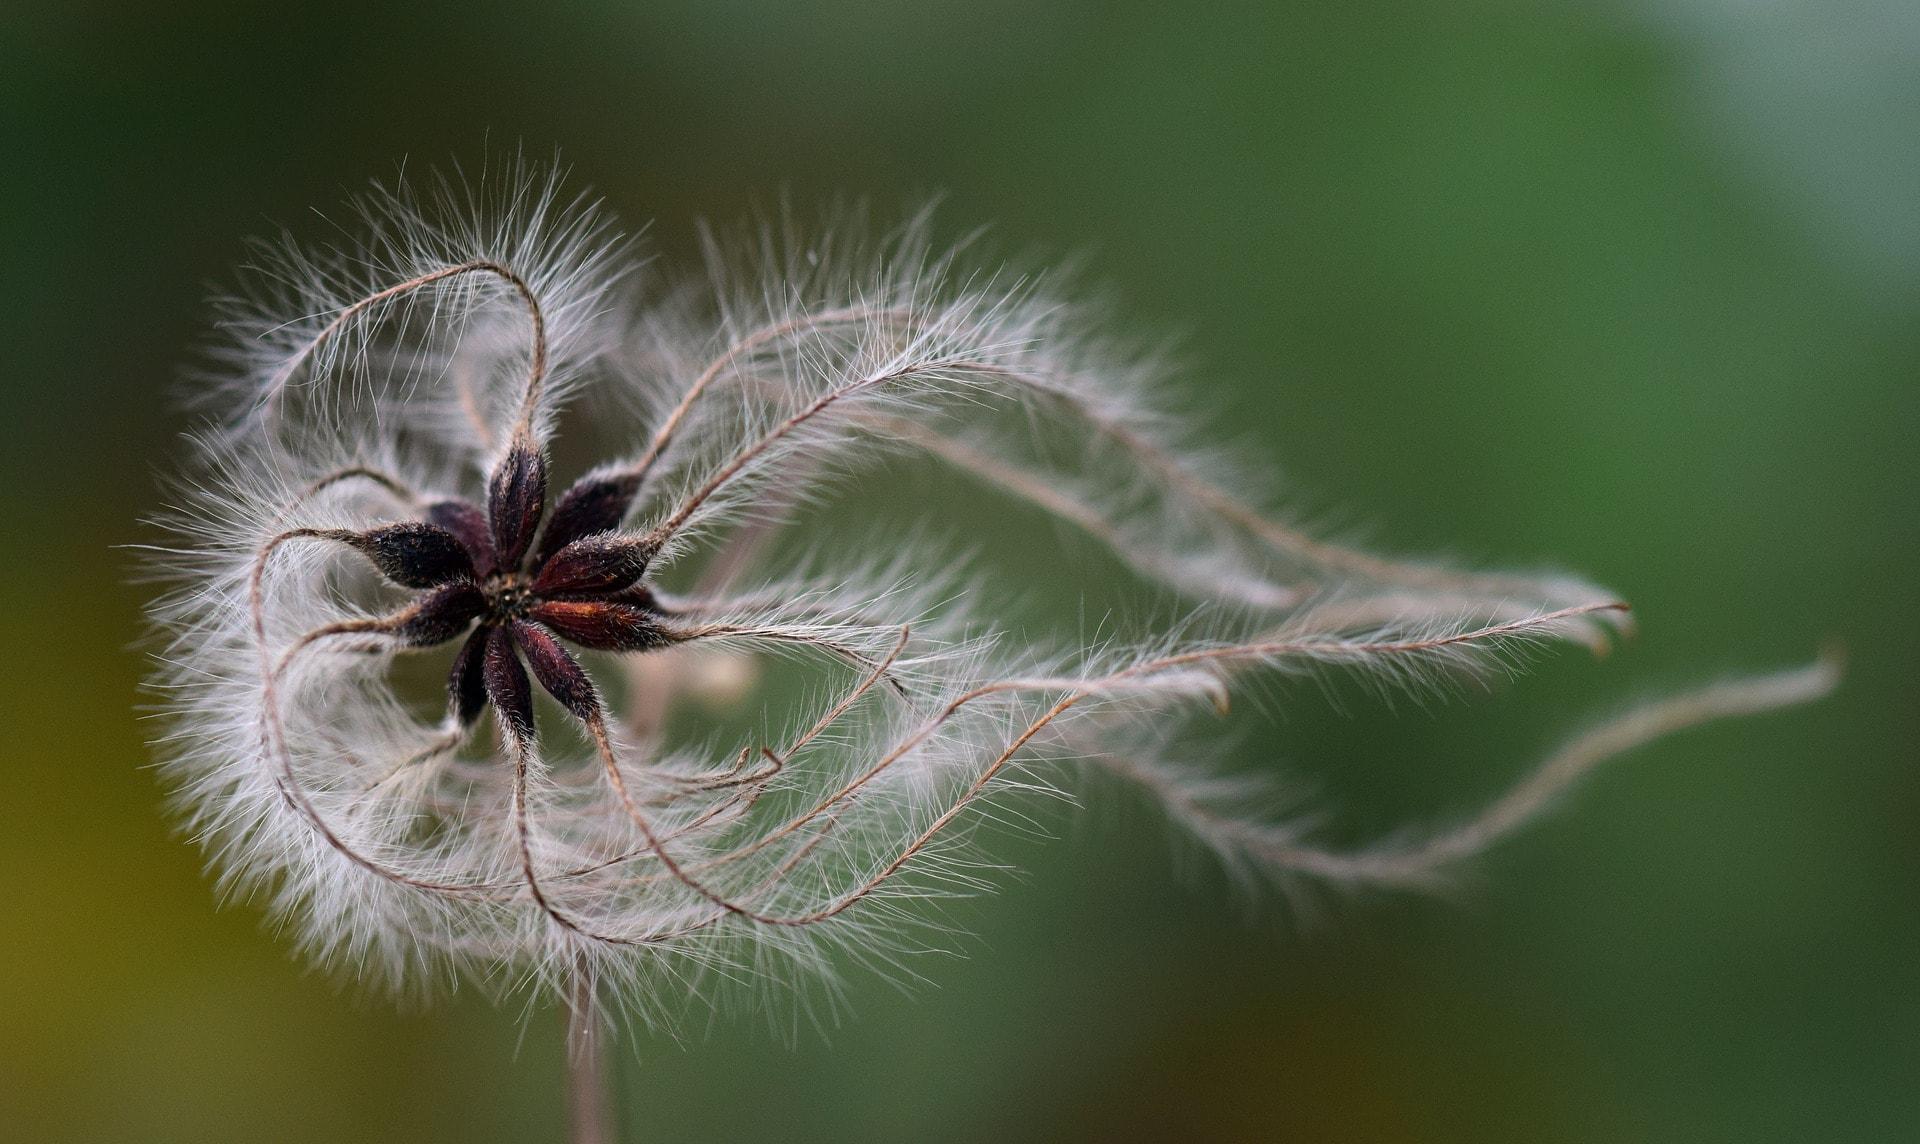 seeds-3013260_1920-min